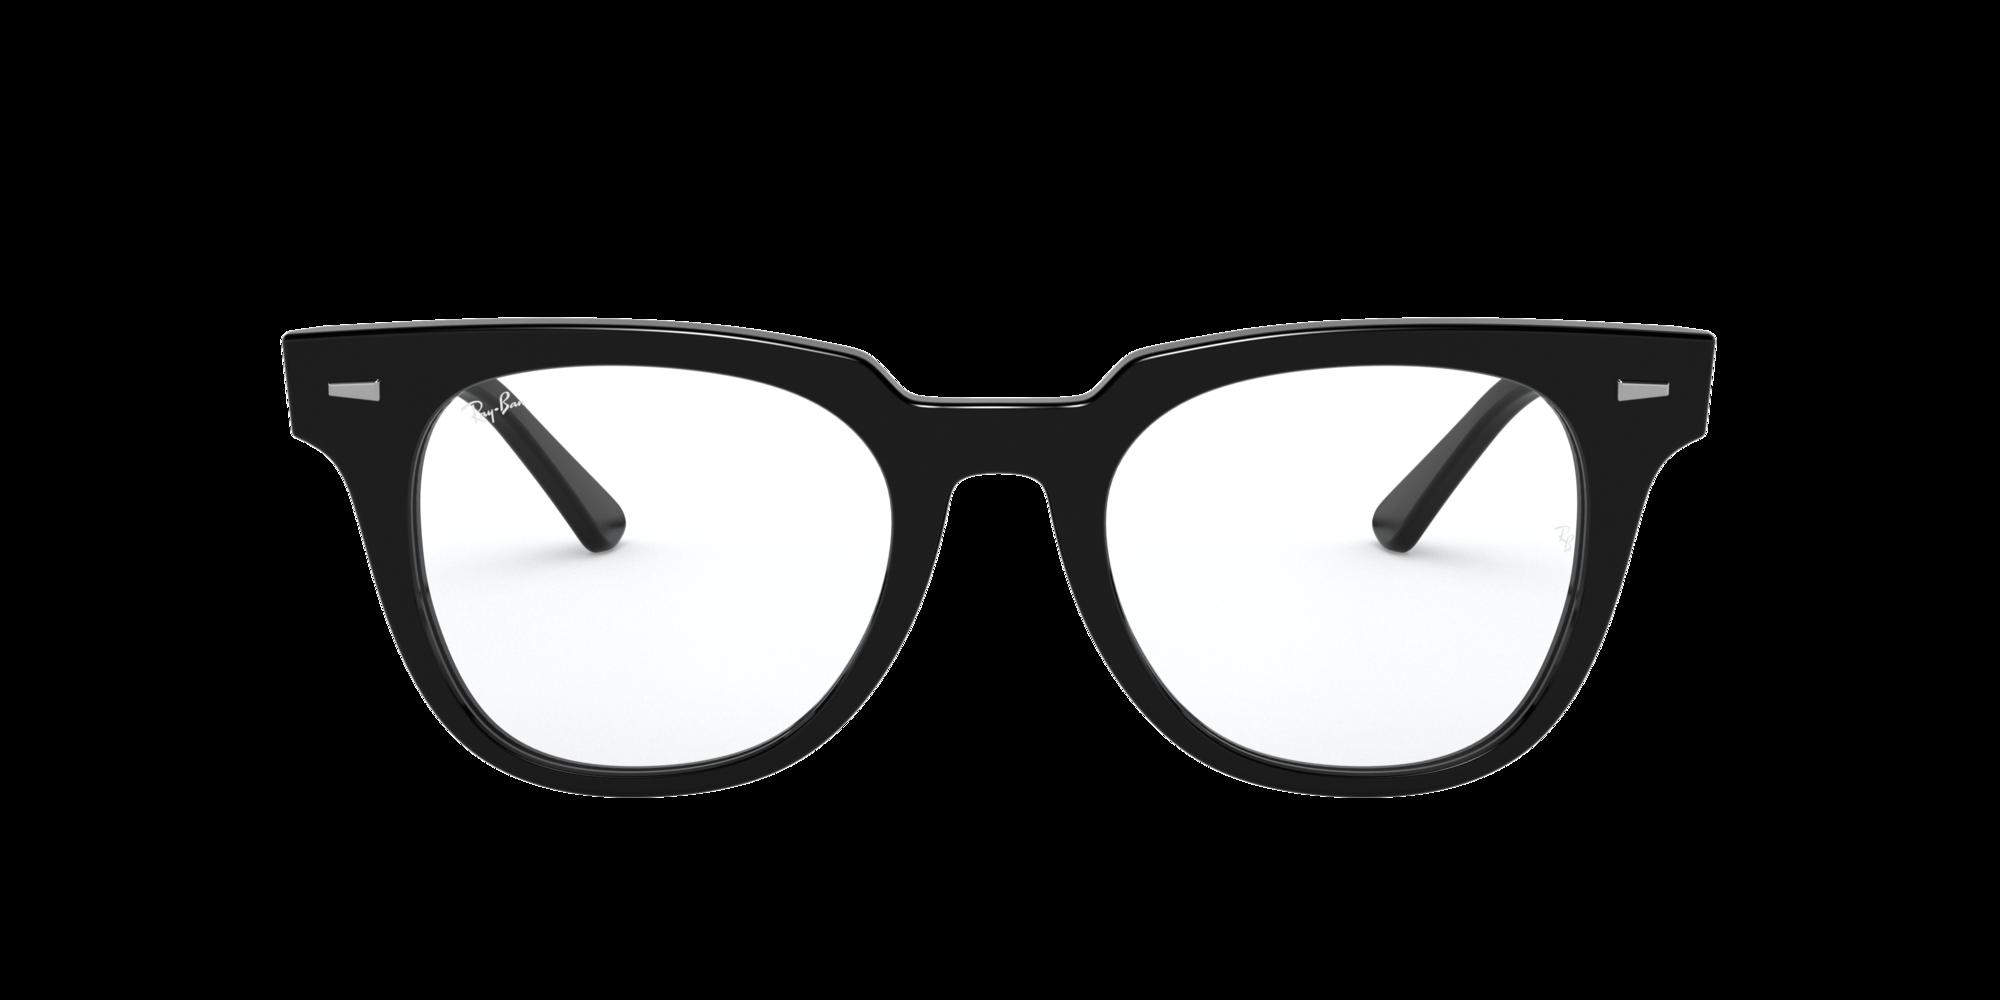 Imagen para RX5377 de LensCrafters    Espejuelos, espejuelos graduados en línea, gafas